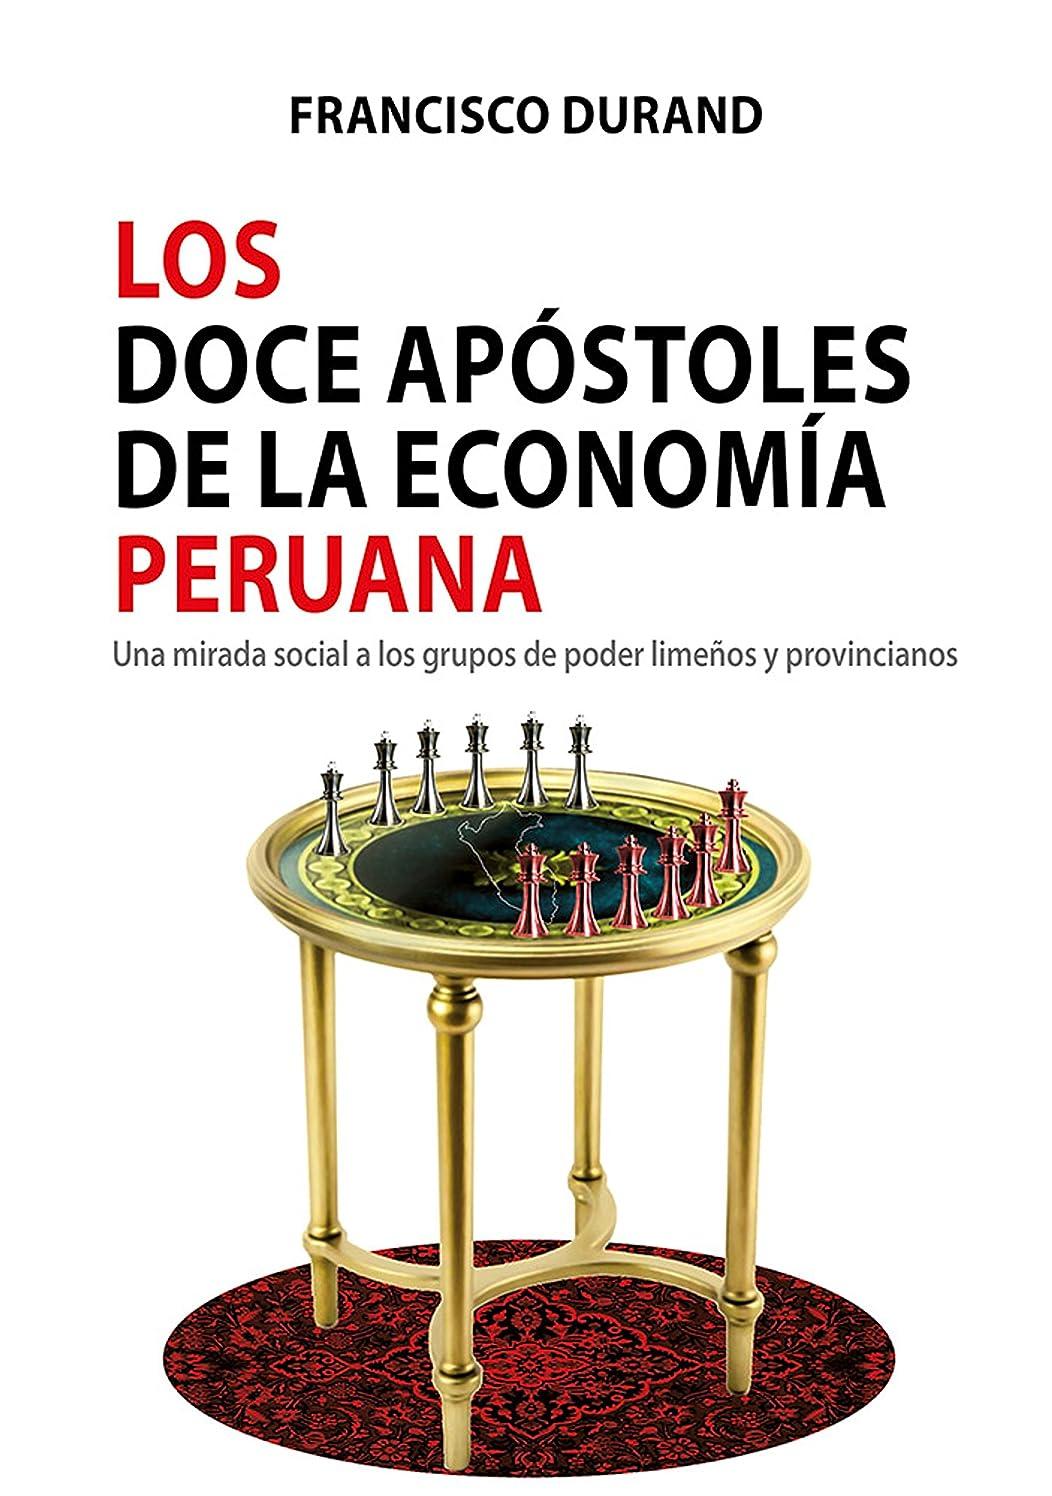 周りバトルにおいLos doce apóstoles de la economía peruana: Una mirada social a los grupos de poder lime?os y provincianos (Spanish Edition)